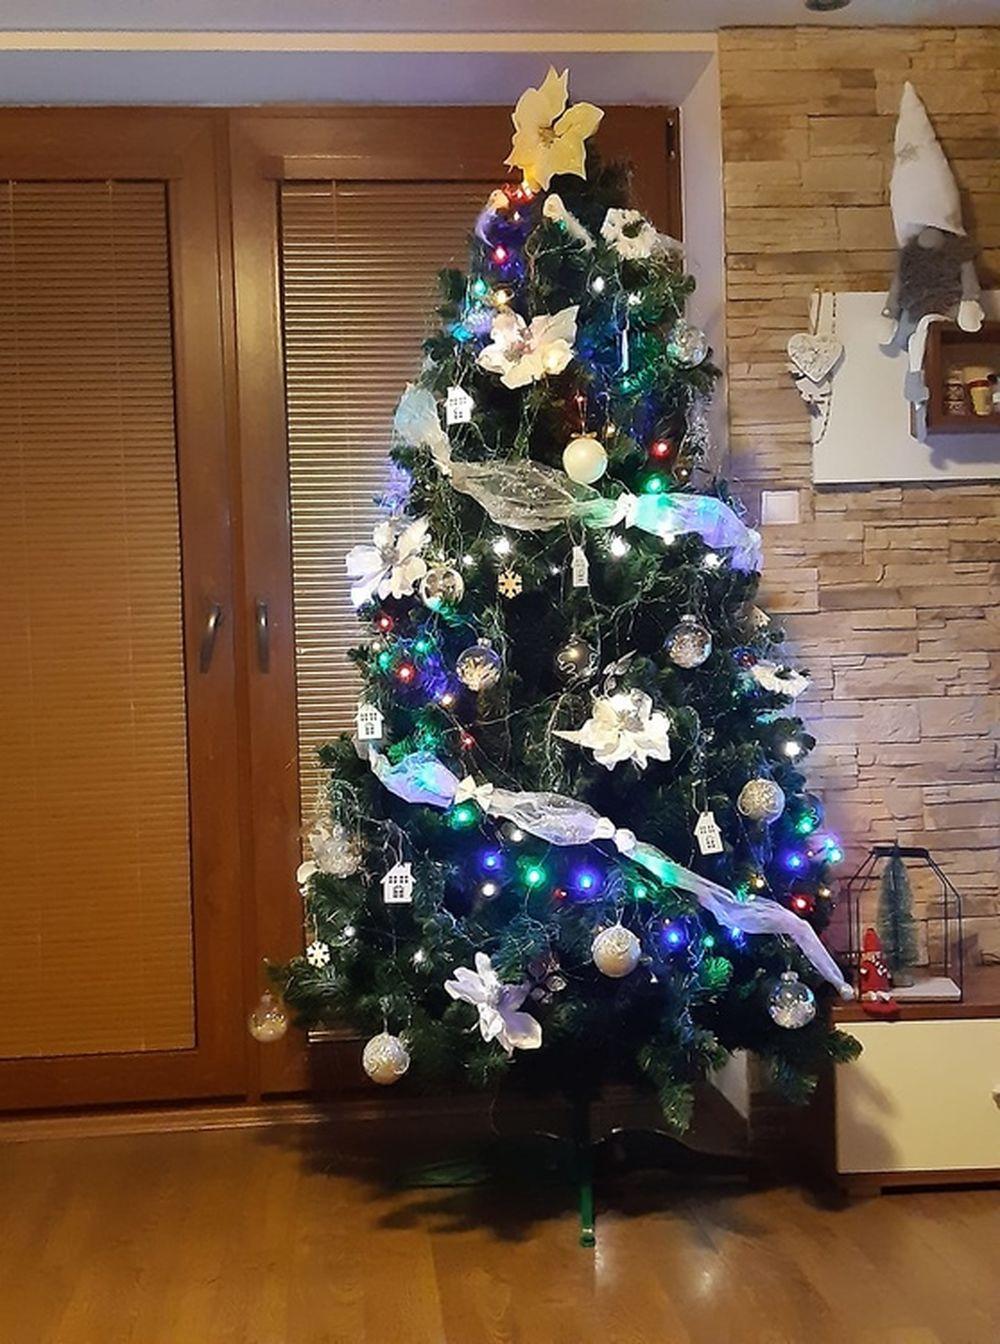 FOTO: Vianočné stromčeky v Žiline - výber fotografií našich čitateľov, foto 65